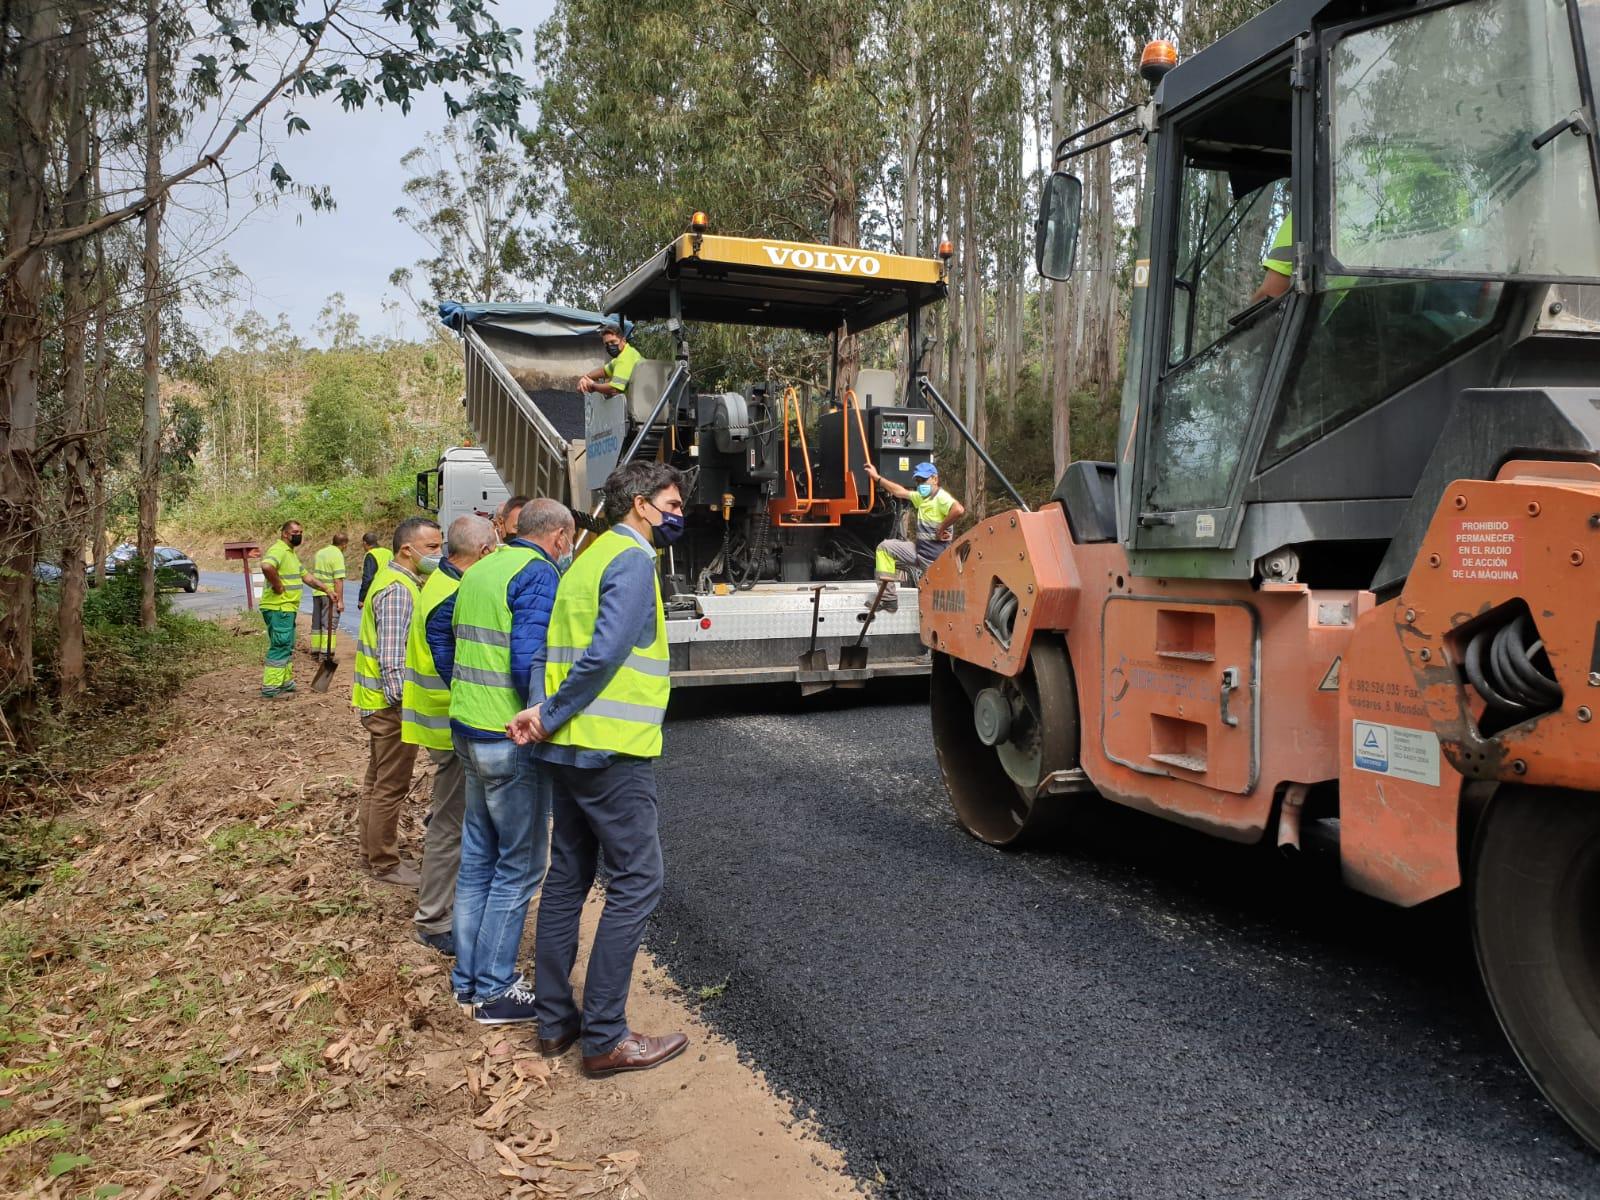 A Xunta inicia obras de mellora nos 5 km da estrada LU-741, entre o núcleo urbano da Pontenova e Aldeguer